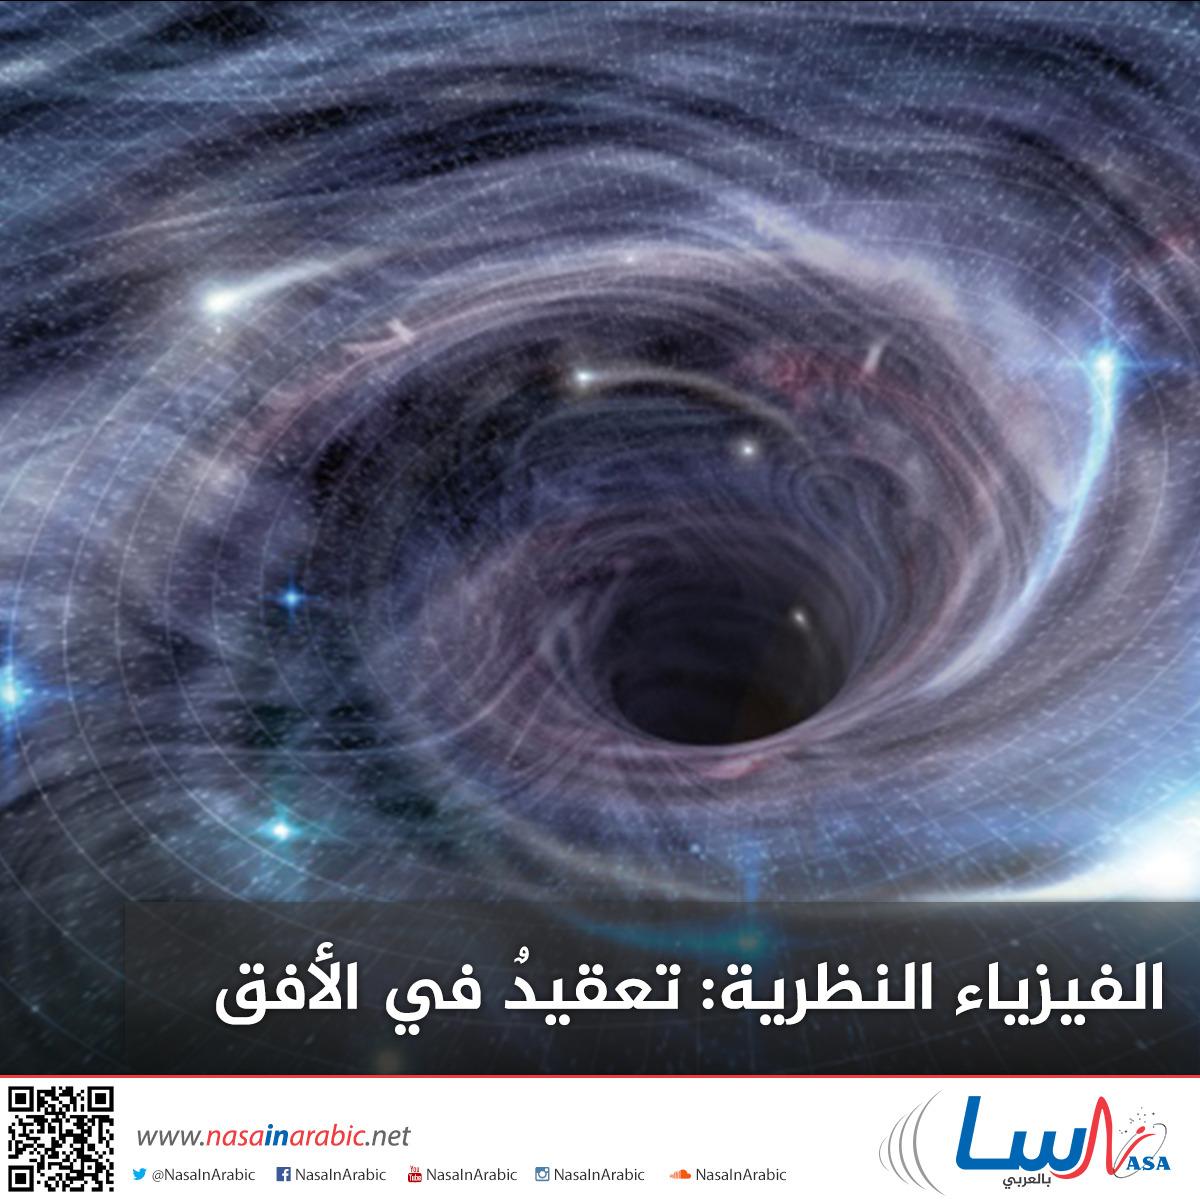 الفيزياء النظرية: تعقيدٌ في الأفق